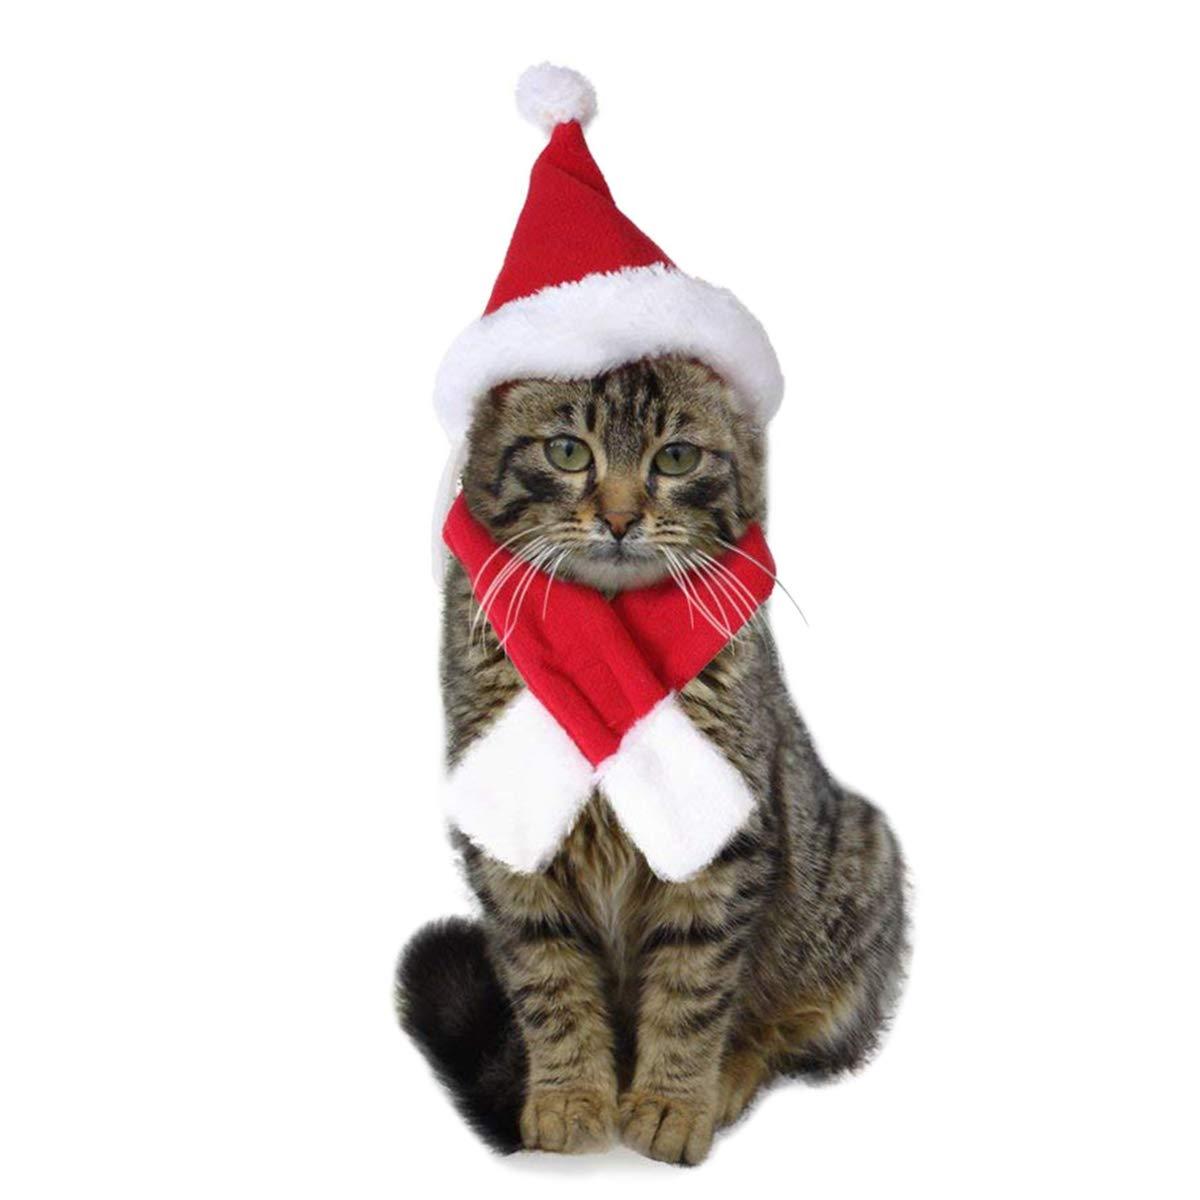 PETCUTE Weihnachten Kostüm für Katze und Welpen Santa Hut Schal für Katzen, Katze kostüm Weihnachtsmann